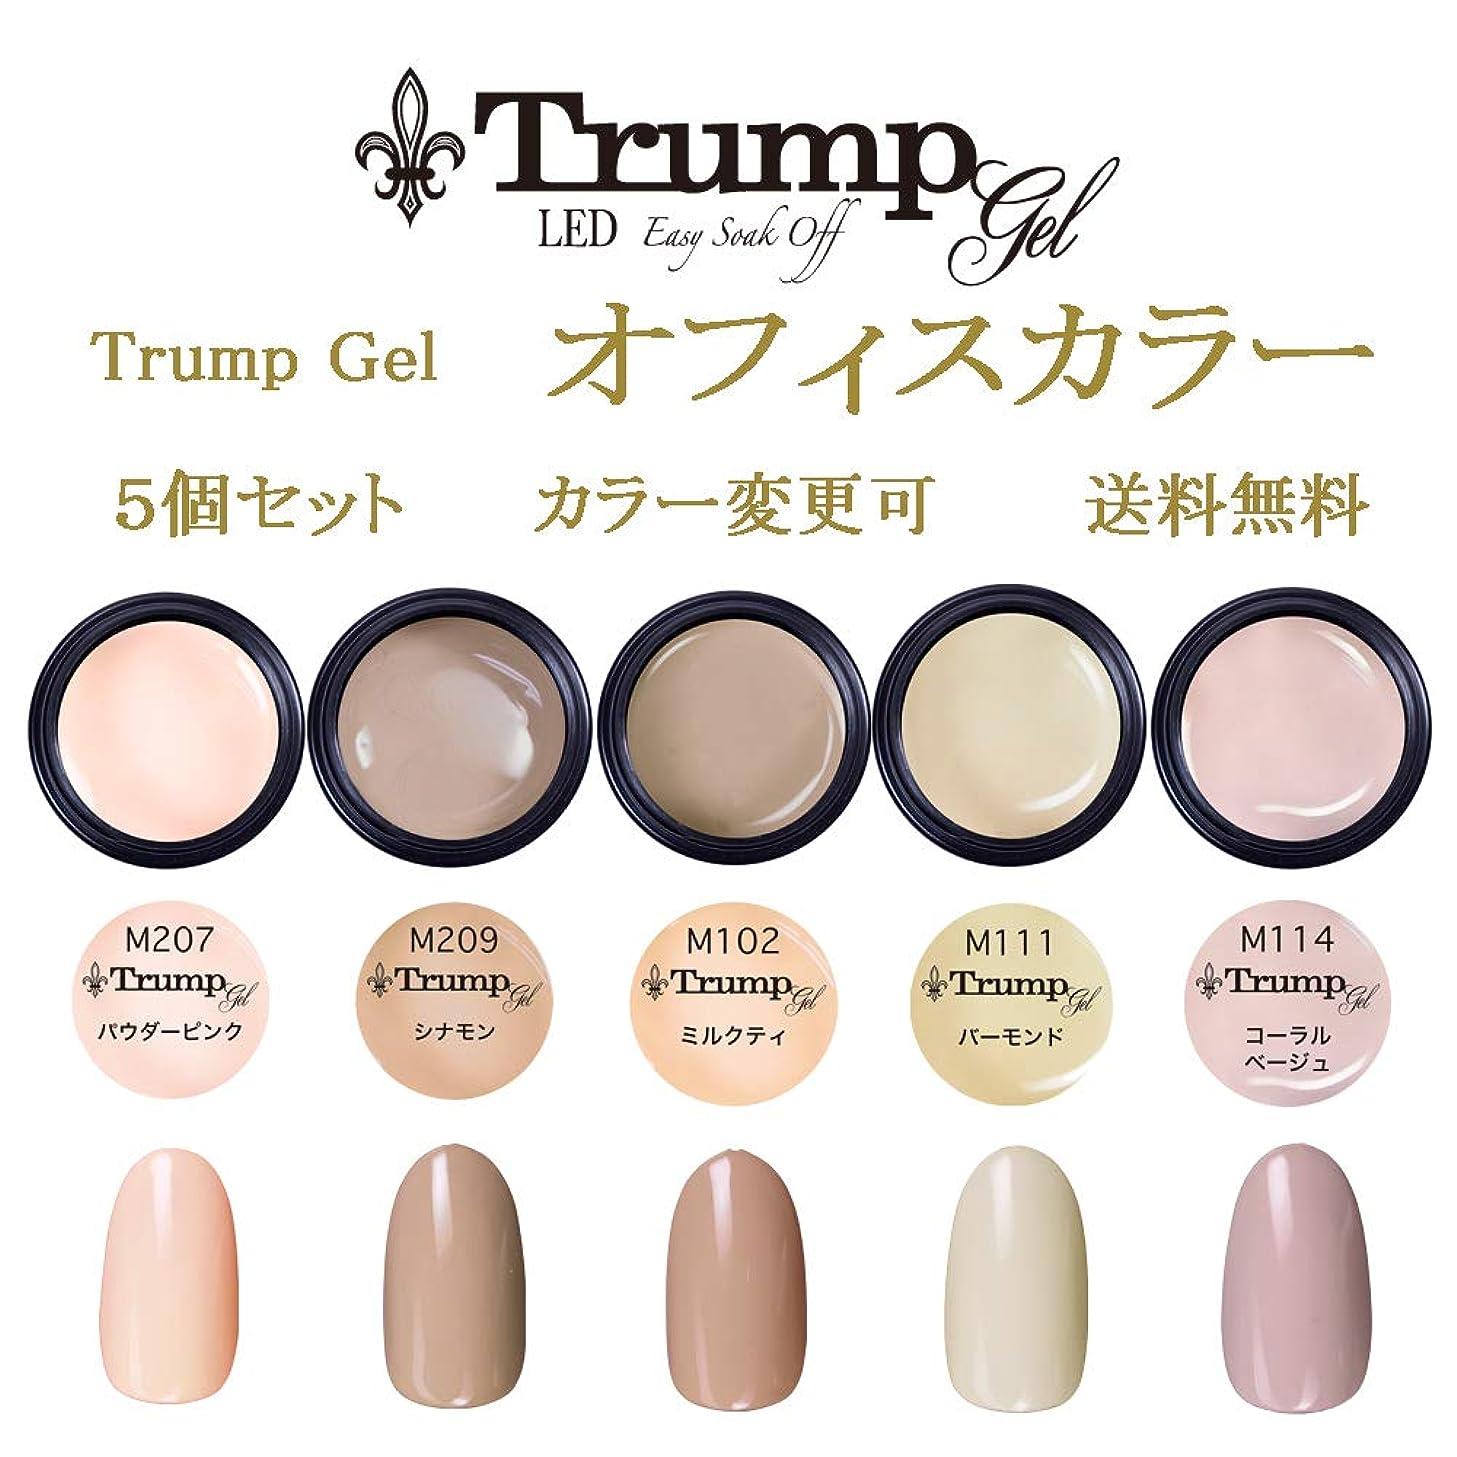 りステッチ日本製 Trump gel トランプジェル オフィスカラー 選べる カラージェル 5個セット ベージュ ブラウン ピンク ホワイト ビジネス カジュアル オフィス